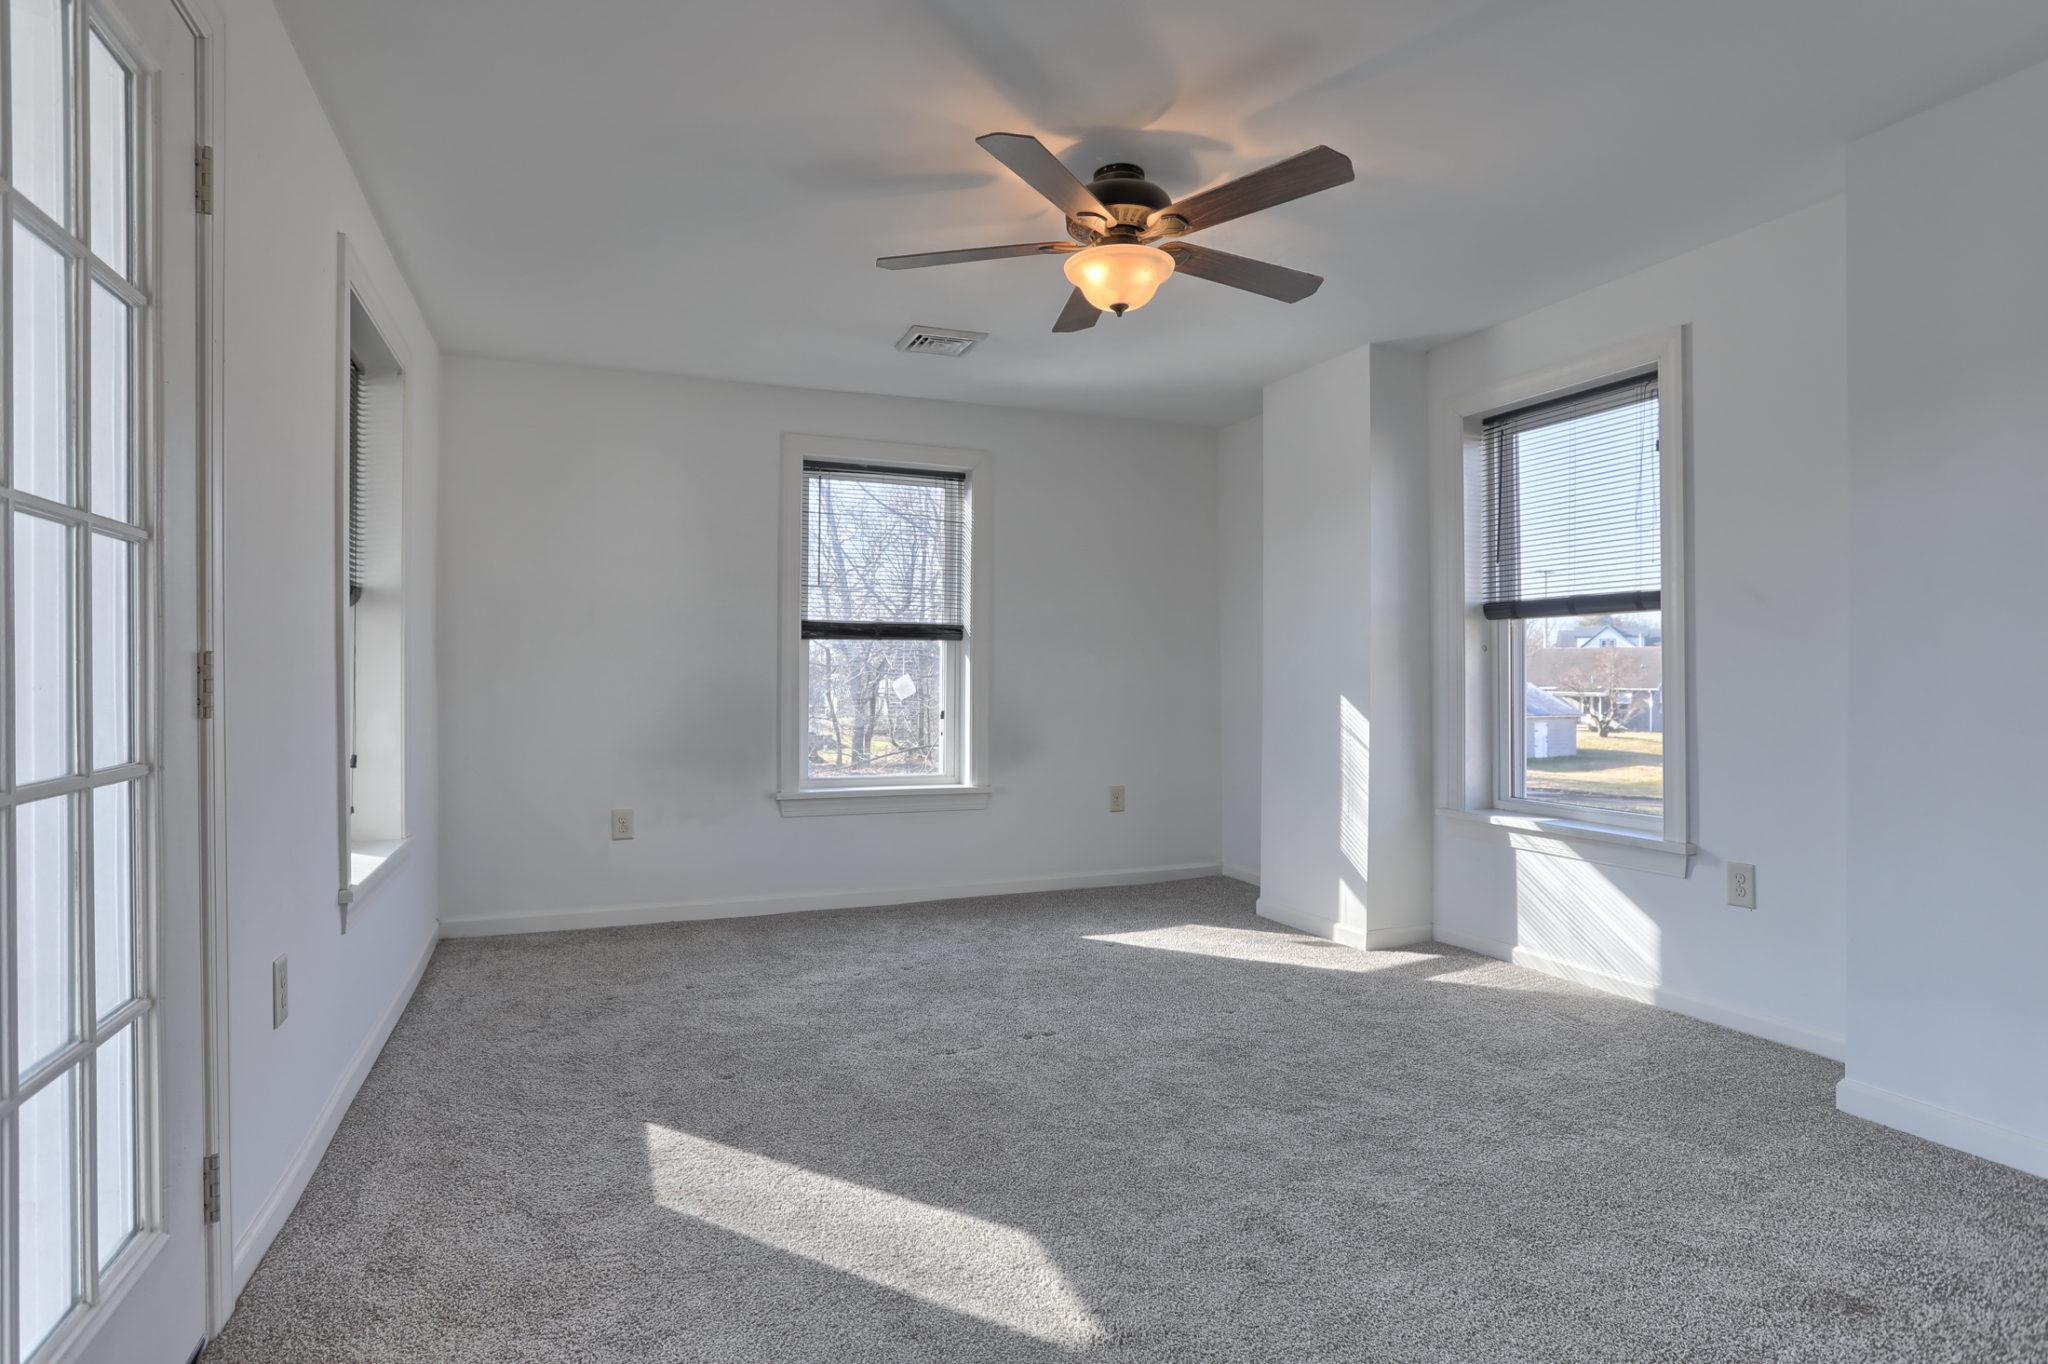 12 E. Center Ave. - Master Bedroom